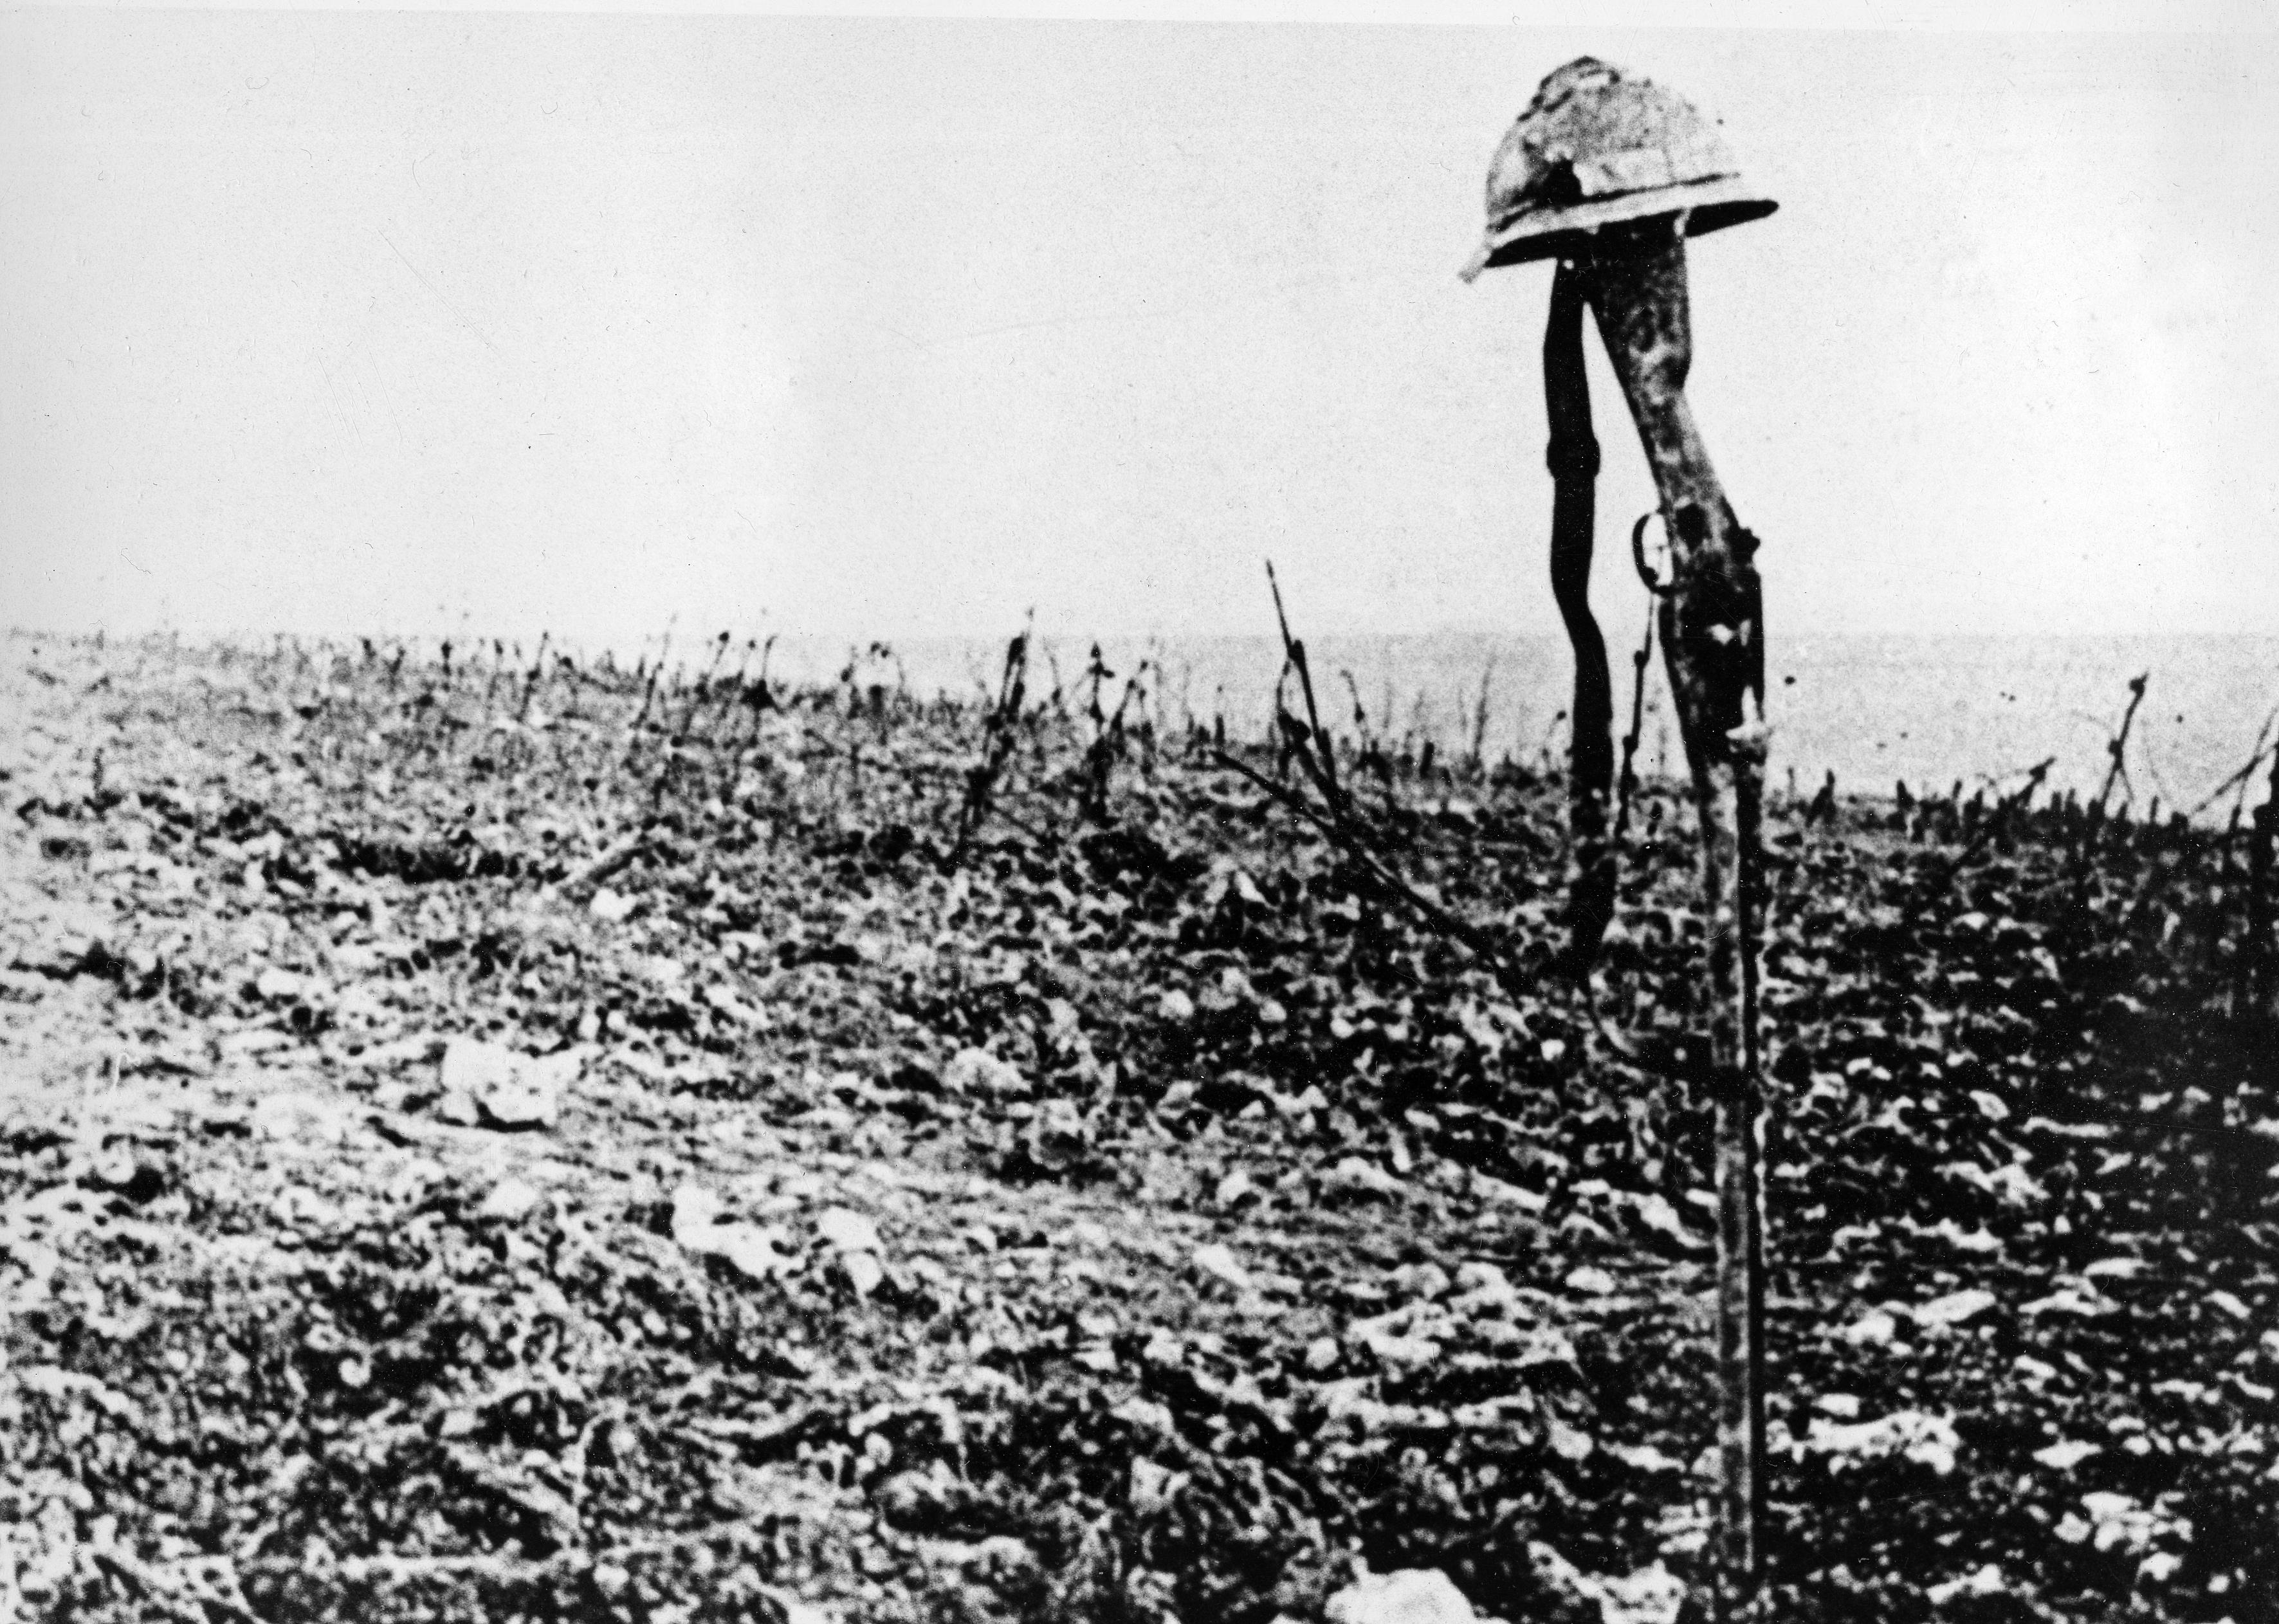 Prima guerra mondiale, il campo di battaglia di Verdun (LaPresse)